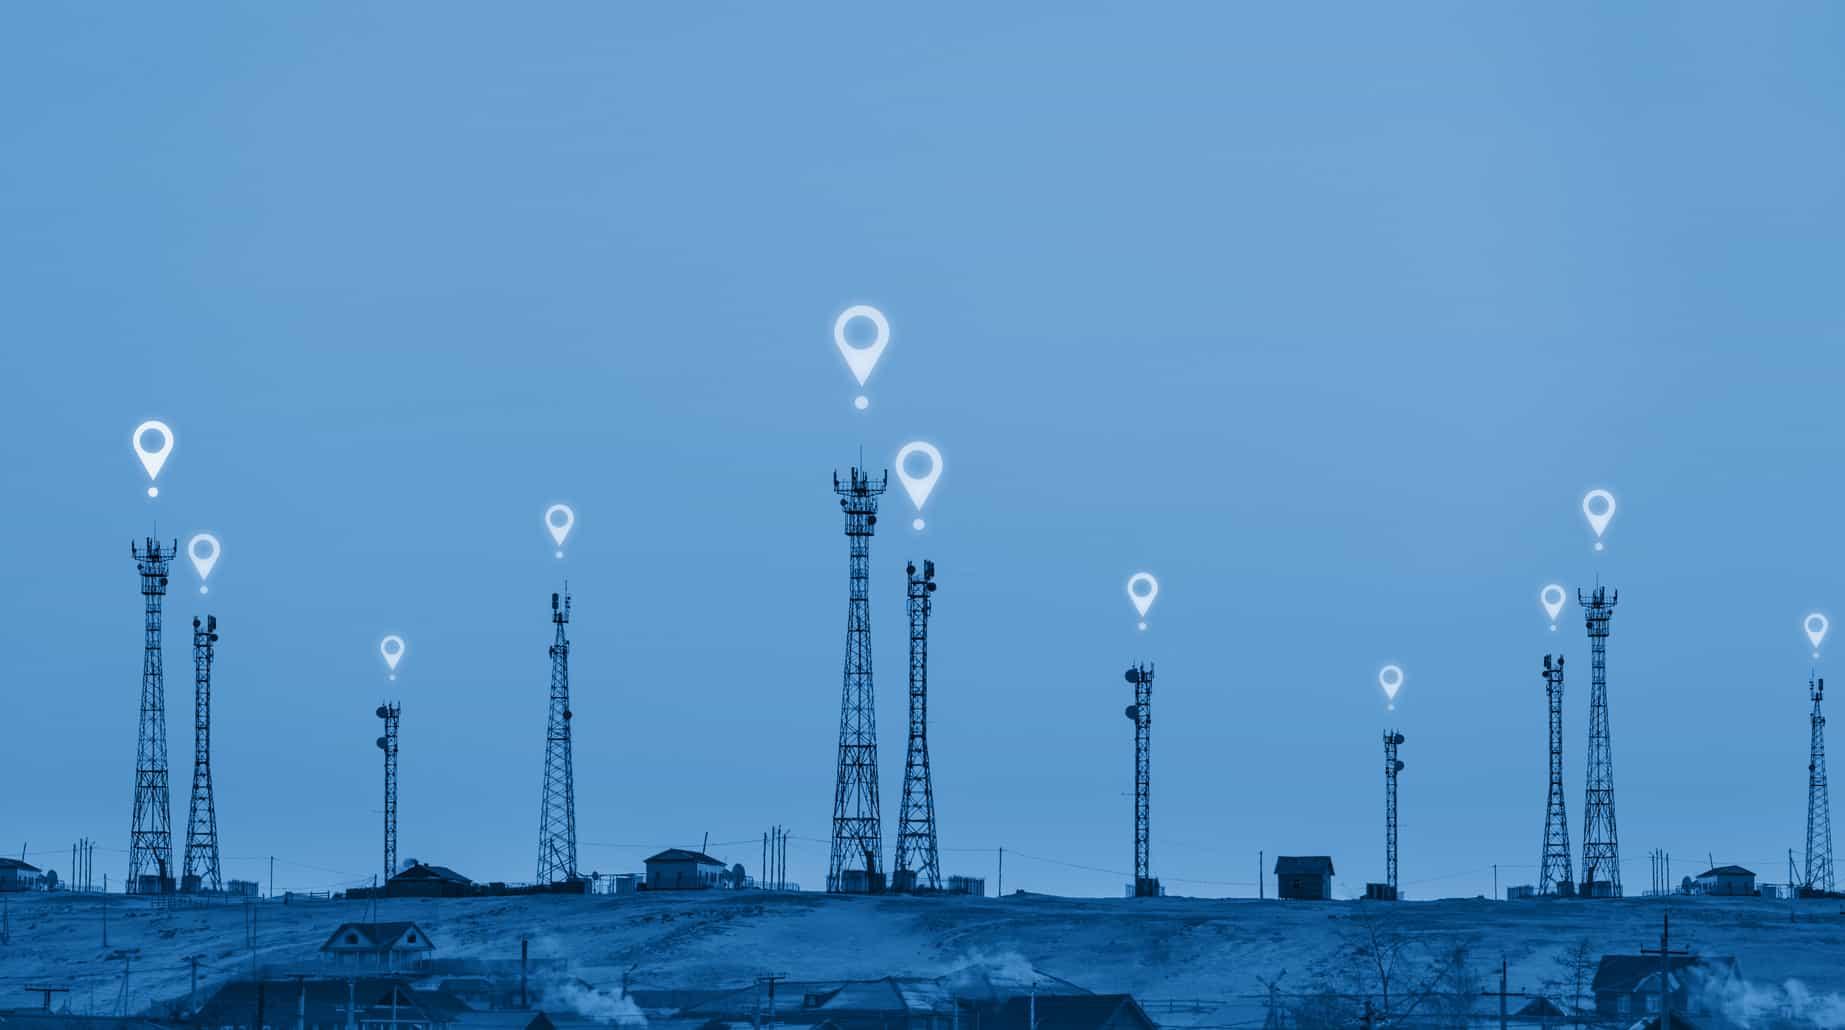 El Instituto Federal de Telecomunicaciones (Ifetel) fue designado como presidente de la Plataforma de Reguladores del Sector Audiovisual de Iberoamérica (PRAI) para el periodo 2018-2020.